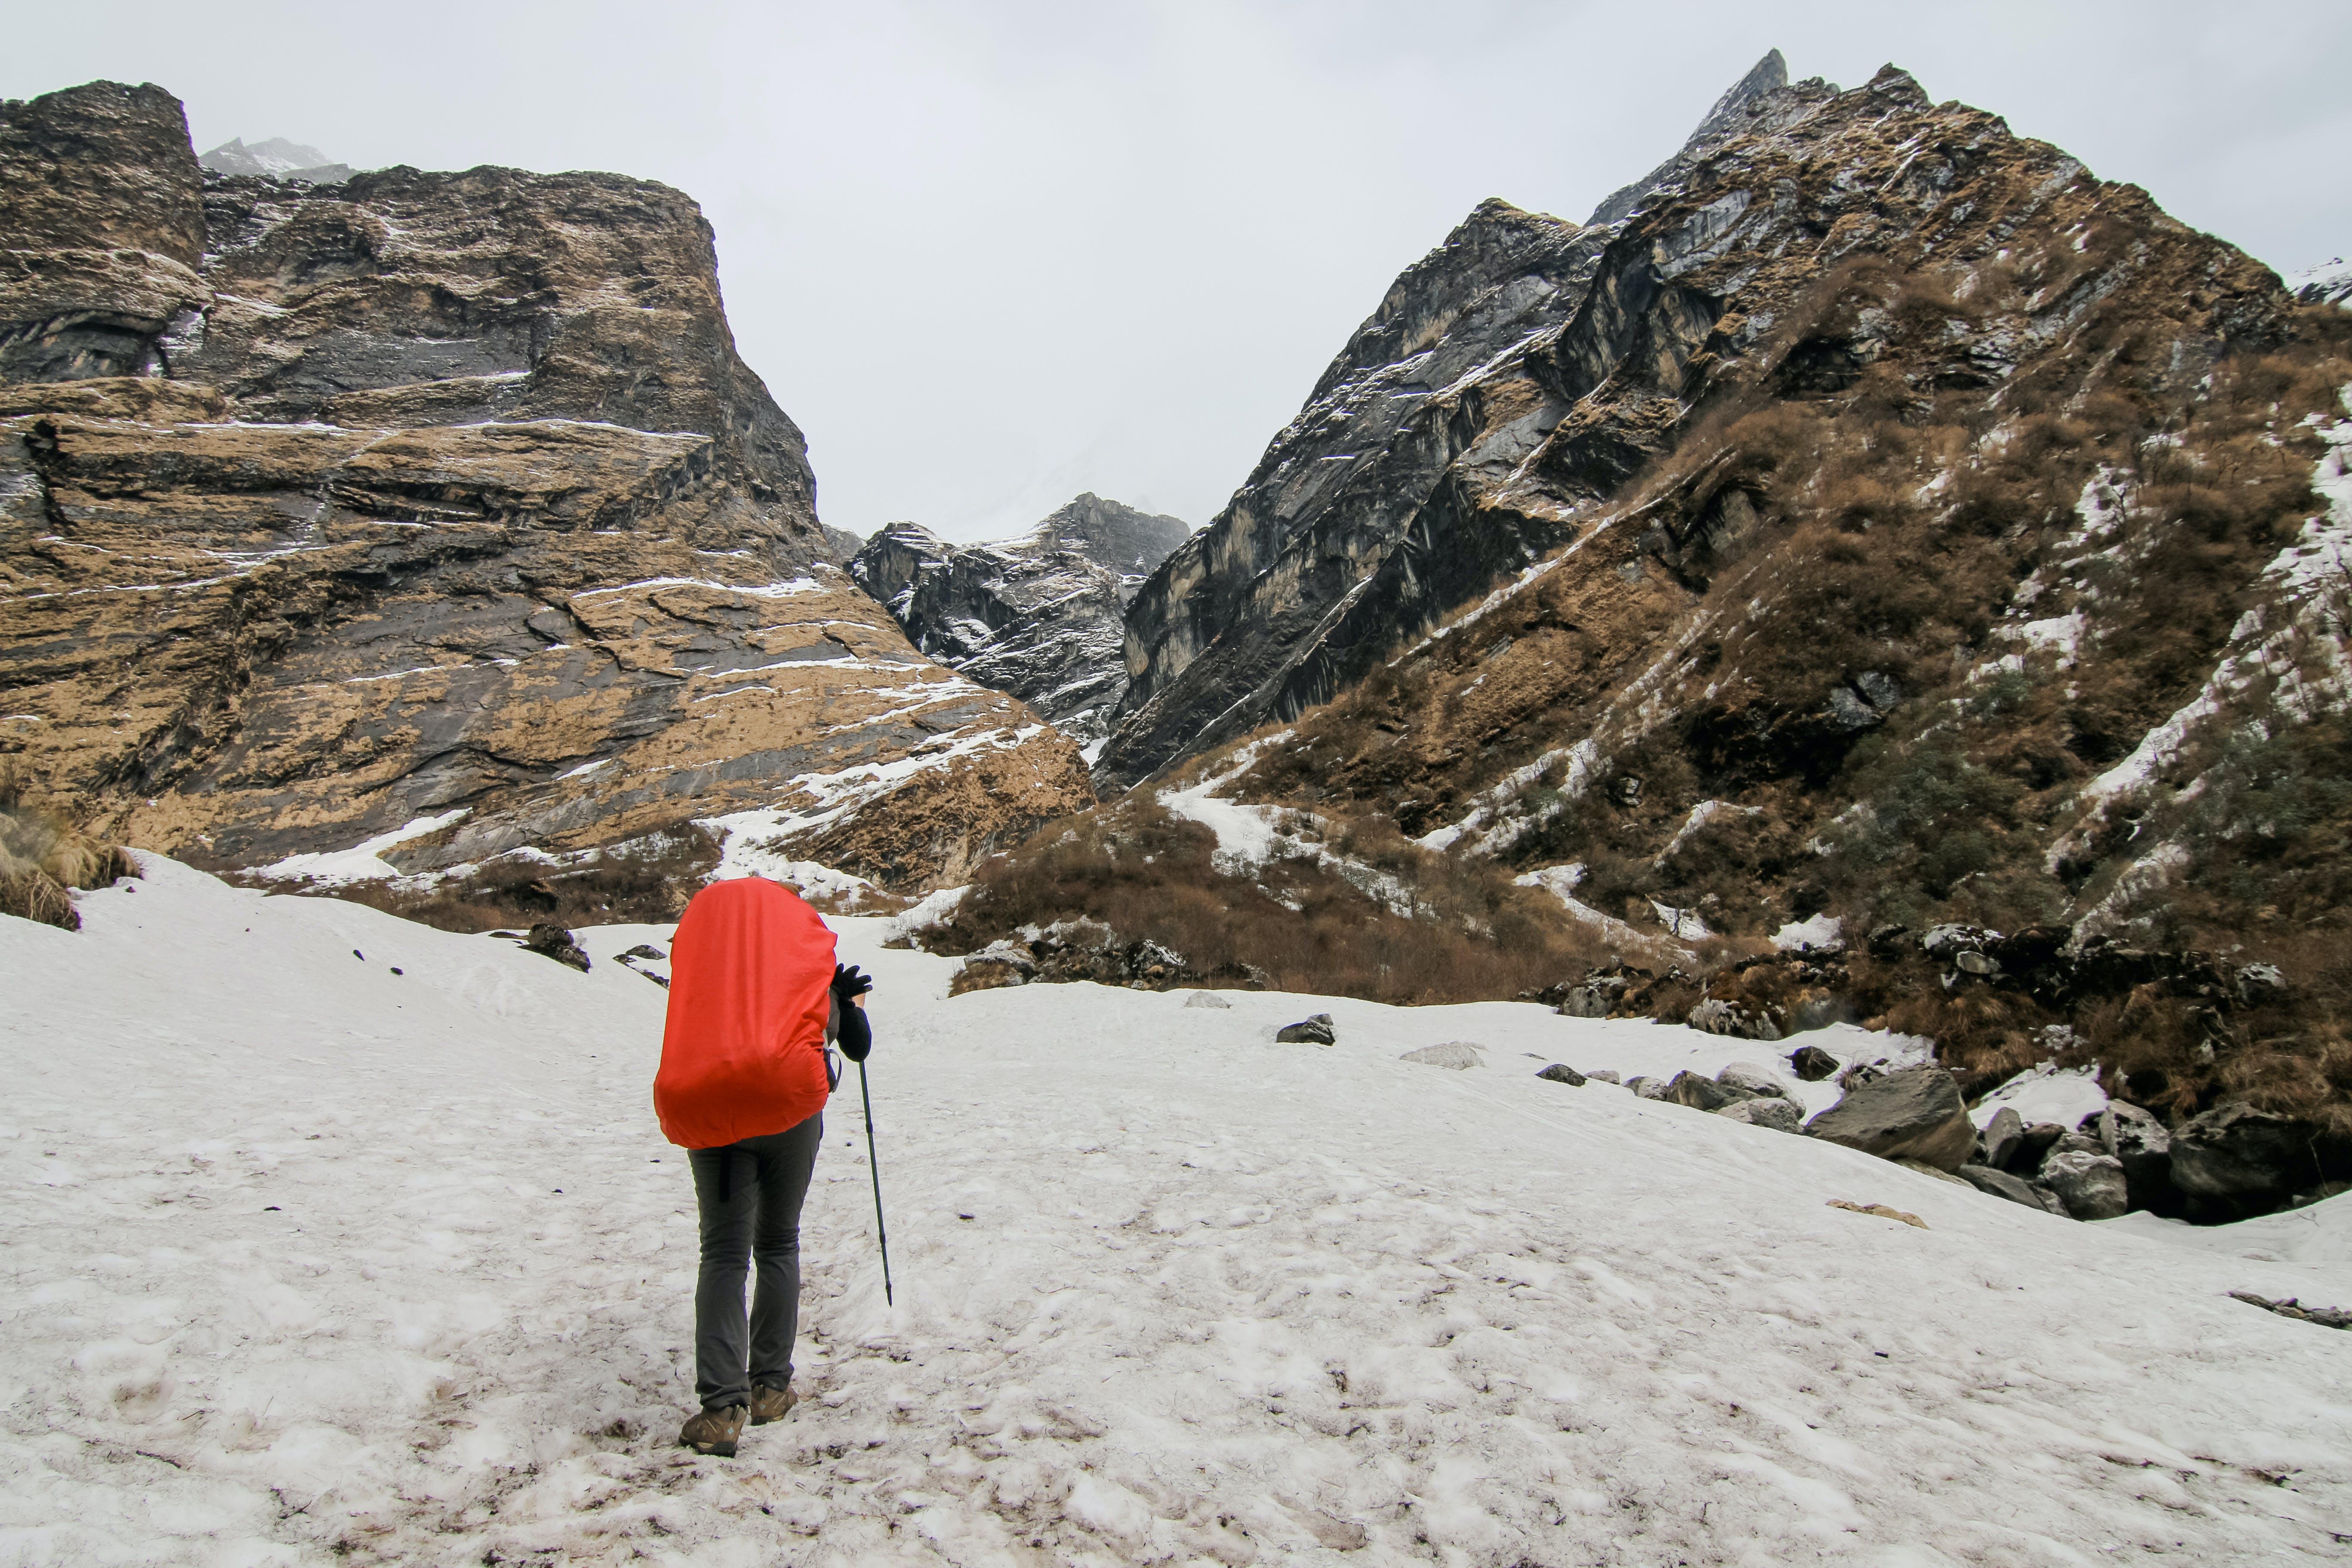 Δωρεάν στοκ φωτογραφιών με backpacker, trekking, άνθρωπος, βουνό